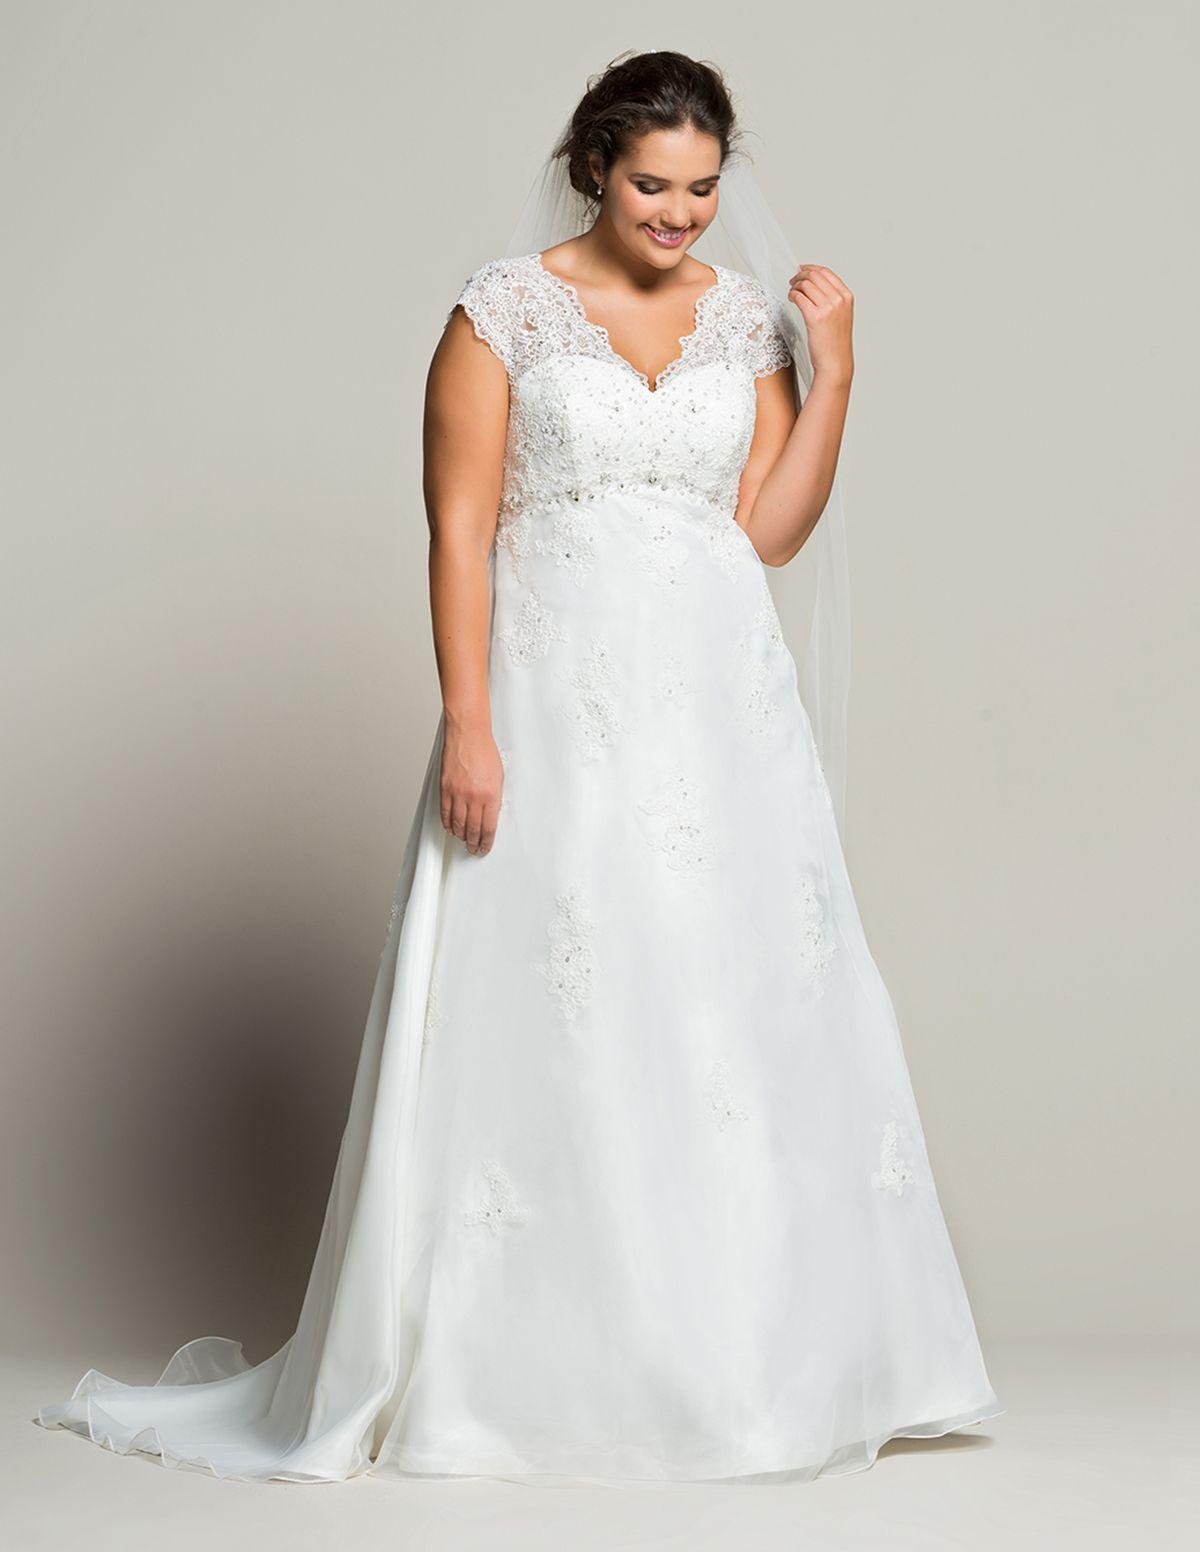 Brautkleid Mit Spitze Und Schnurung Von Linzi Jay In Weiss Mode Ab Grosse 42 Bei Navabi Brautmode Brautkleid Ubergrosse Kleid Hochzeit